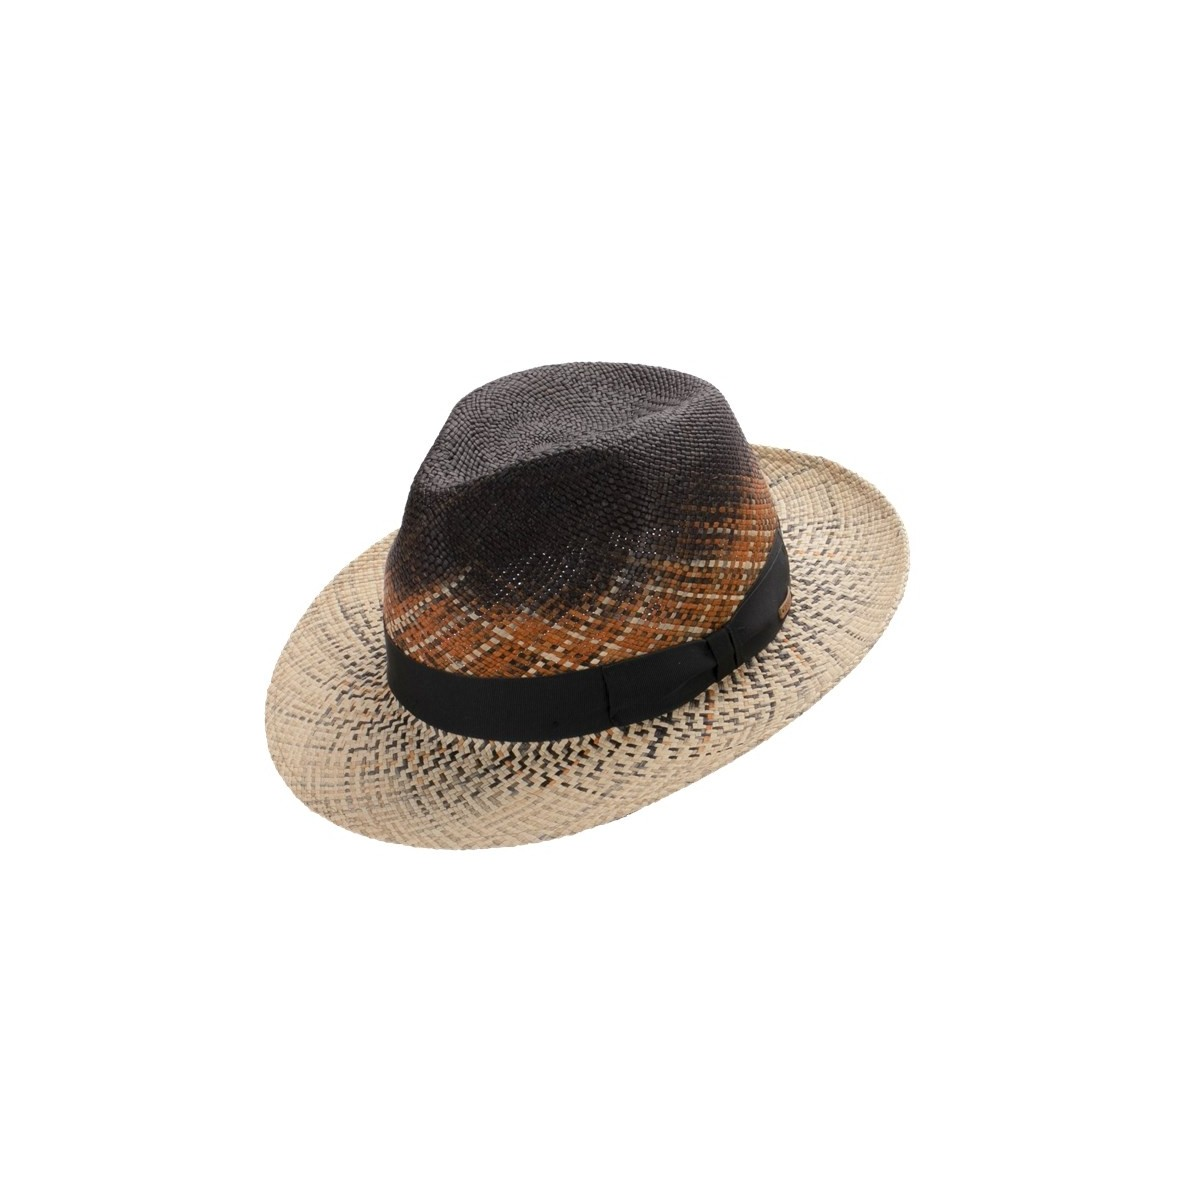 Edan sombrero de hombre para el verano Fedora en color crean degradado con cinta negra. Fernández y ROCHE